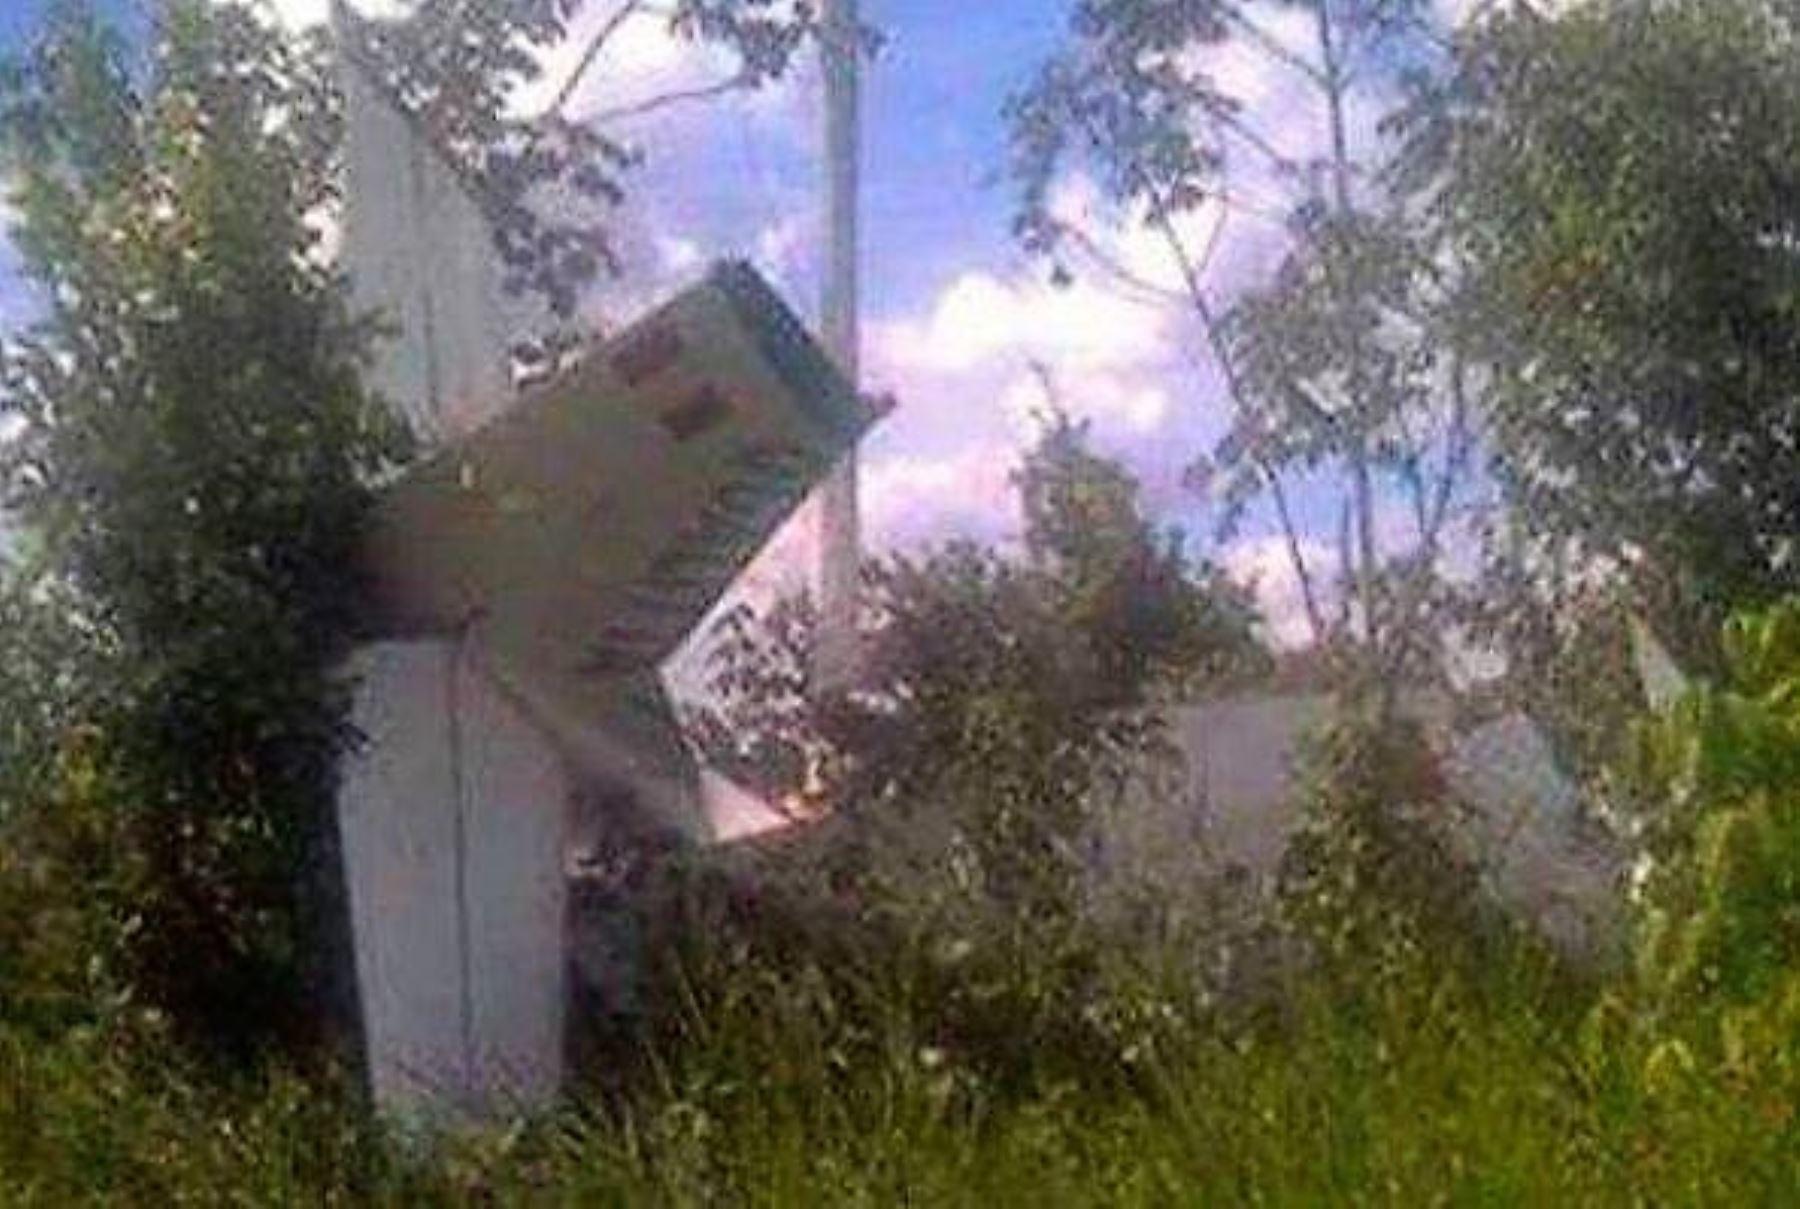 La Corporación Peruana de Aeropuertos y Aviación Comercial S.A. (Corpac S.A.) confirmó que 11 de los 12 pasajeros que viajaban en el vuelo OB-2077 de la compañía Air Majoro que se dirigía a Pucallpa se encuentran ilesos y uno resultó herido, quien recibe atención médica en esa ciudad capital de la región Ucayali. INTERNET/Medios